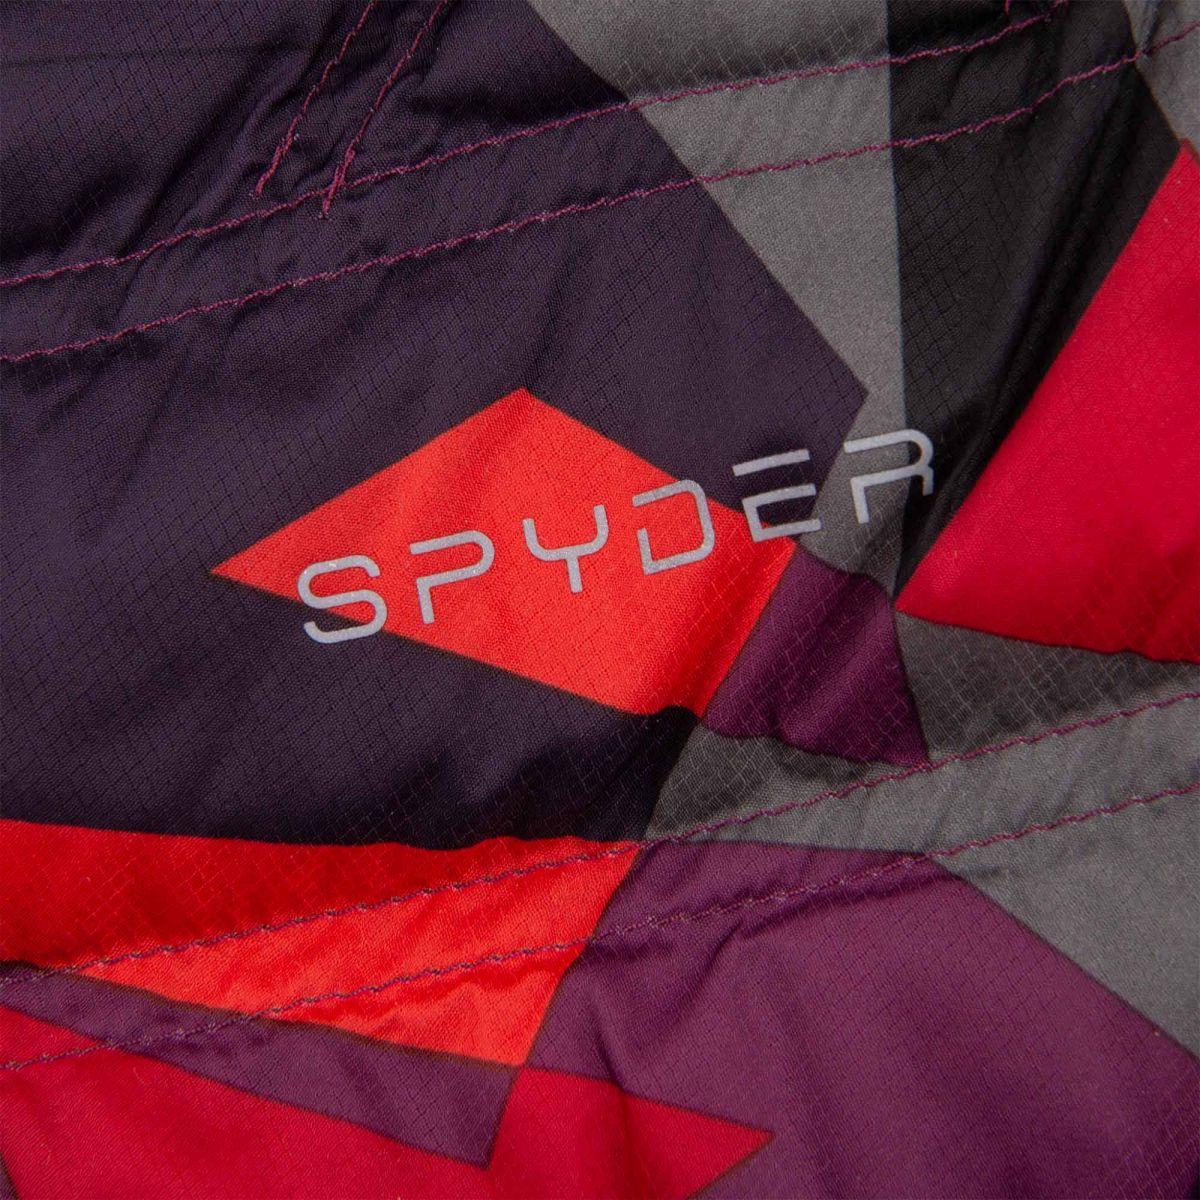 Doudoune ski imprimée multicolore femme SPYDER à prix dégriffé !